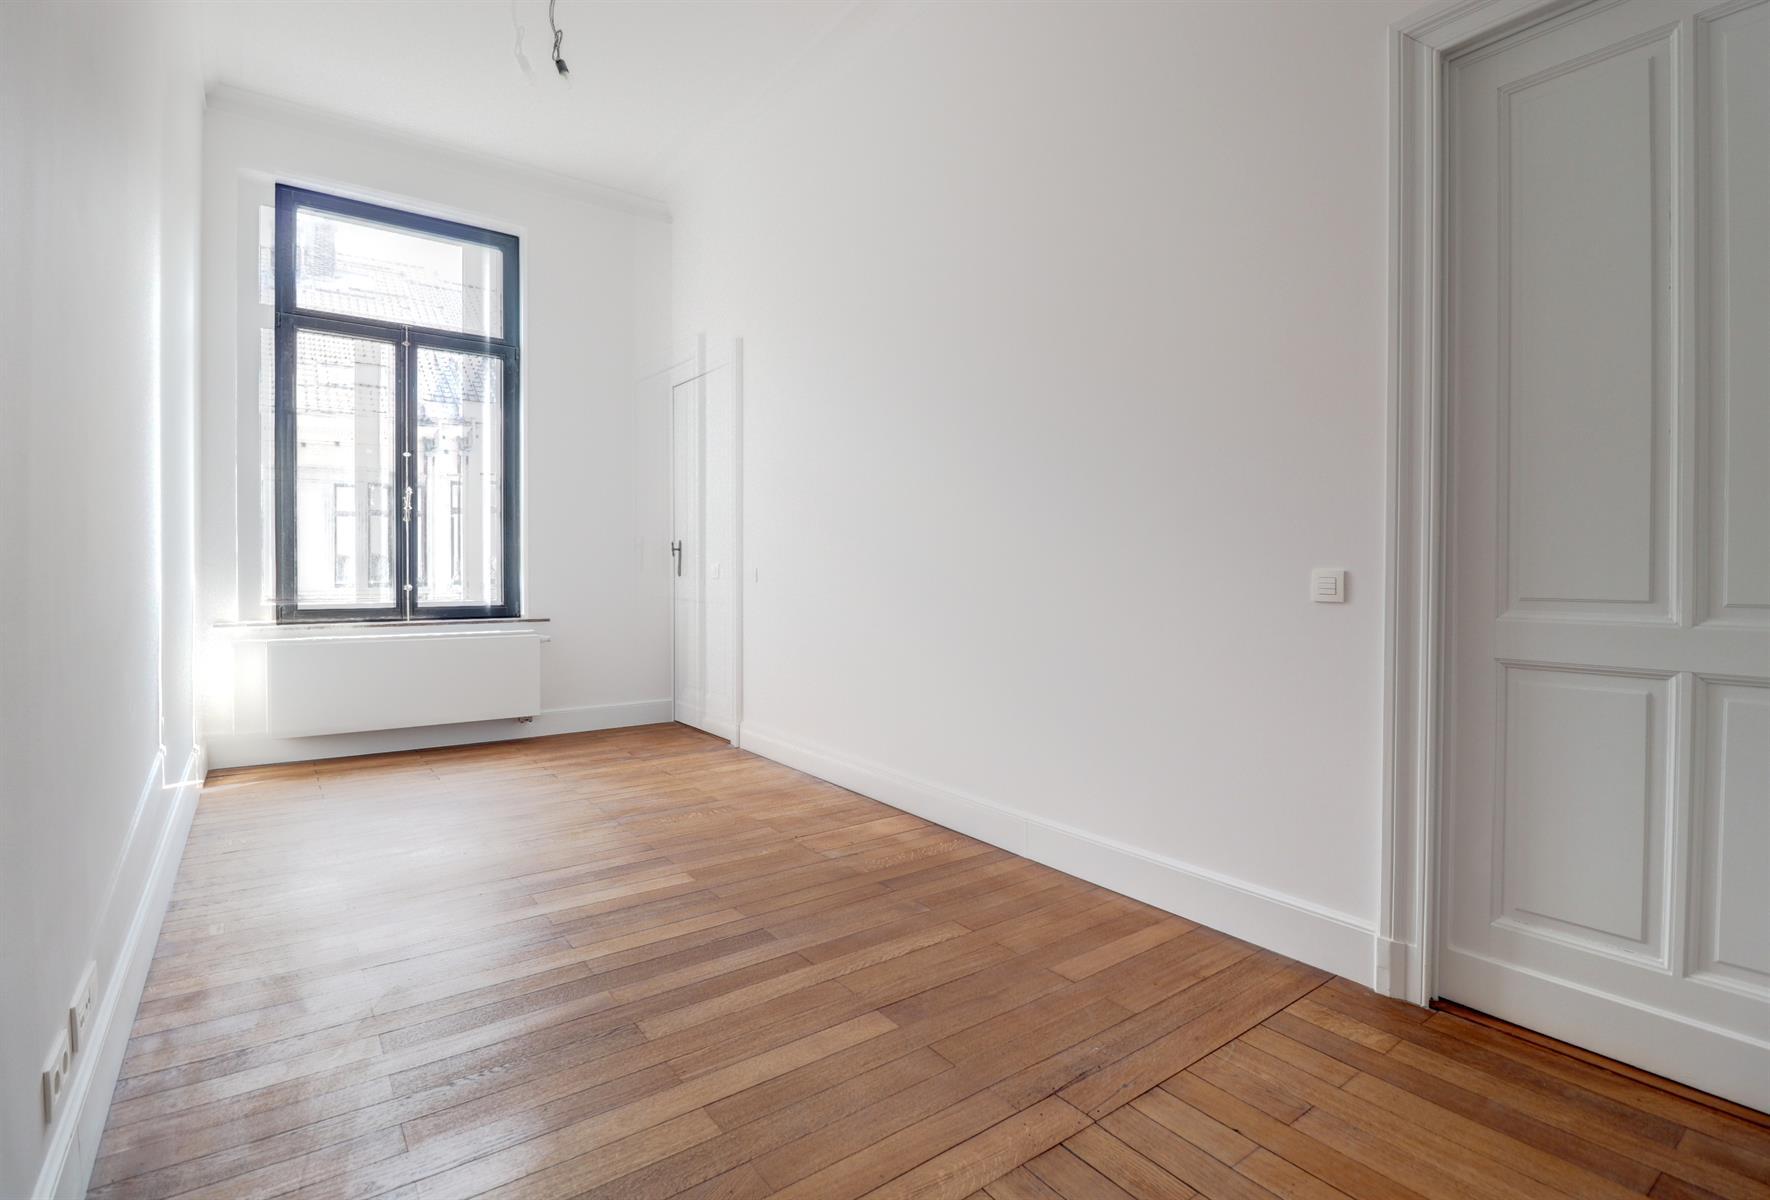 Appartement - Bruxelles - #4022748-9